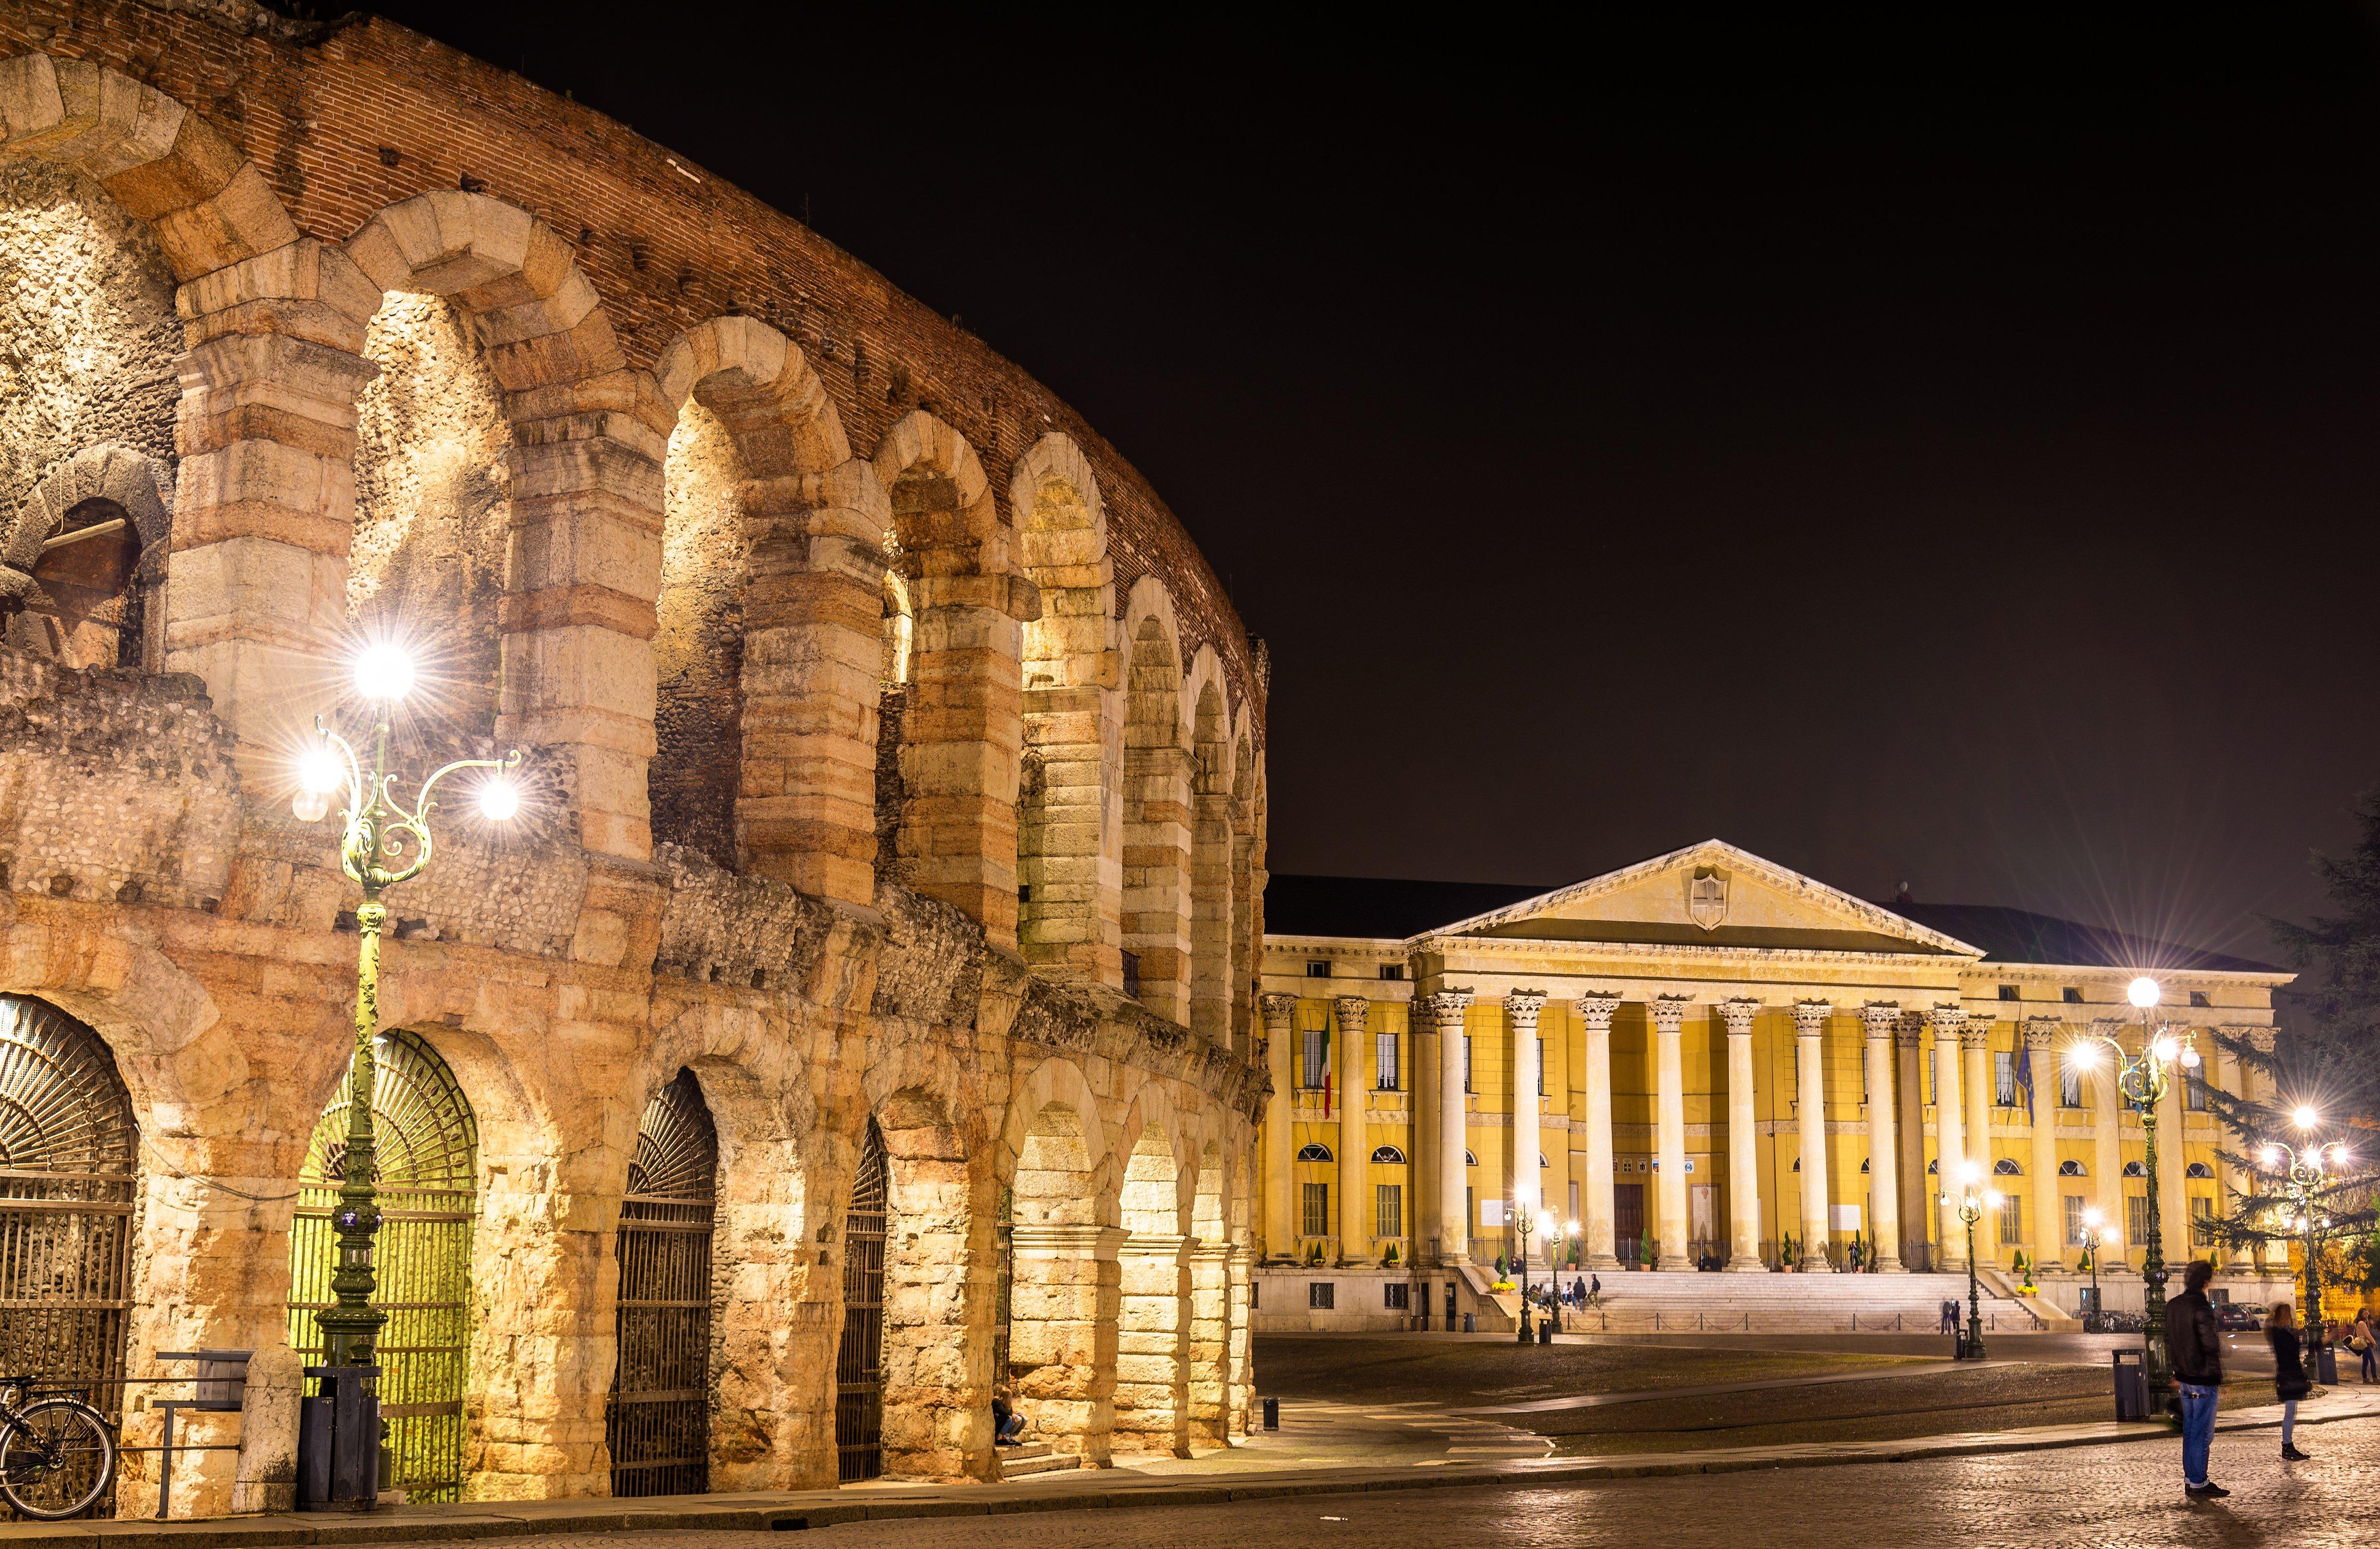 Vista dell'arena di Verona